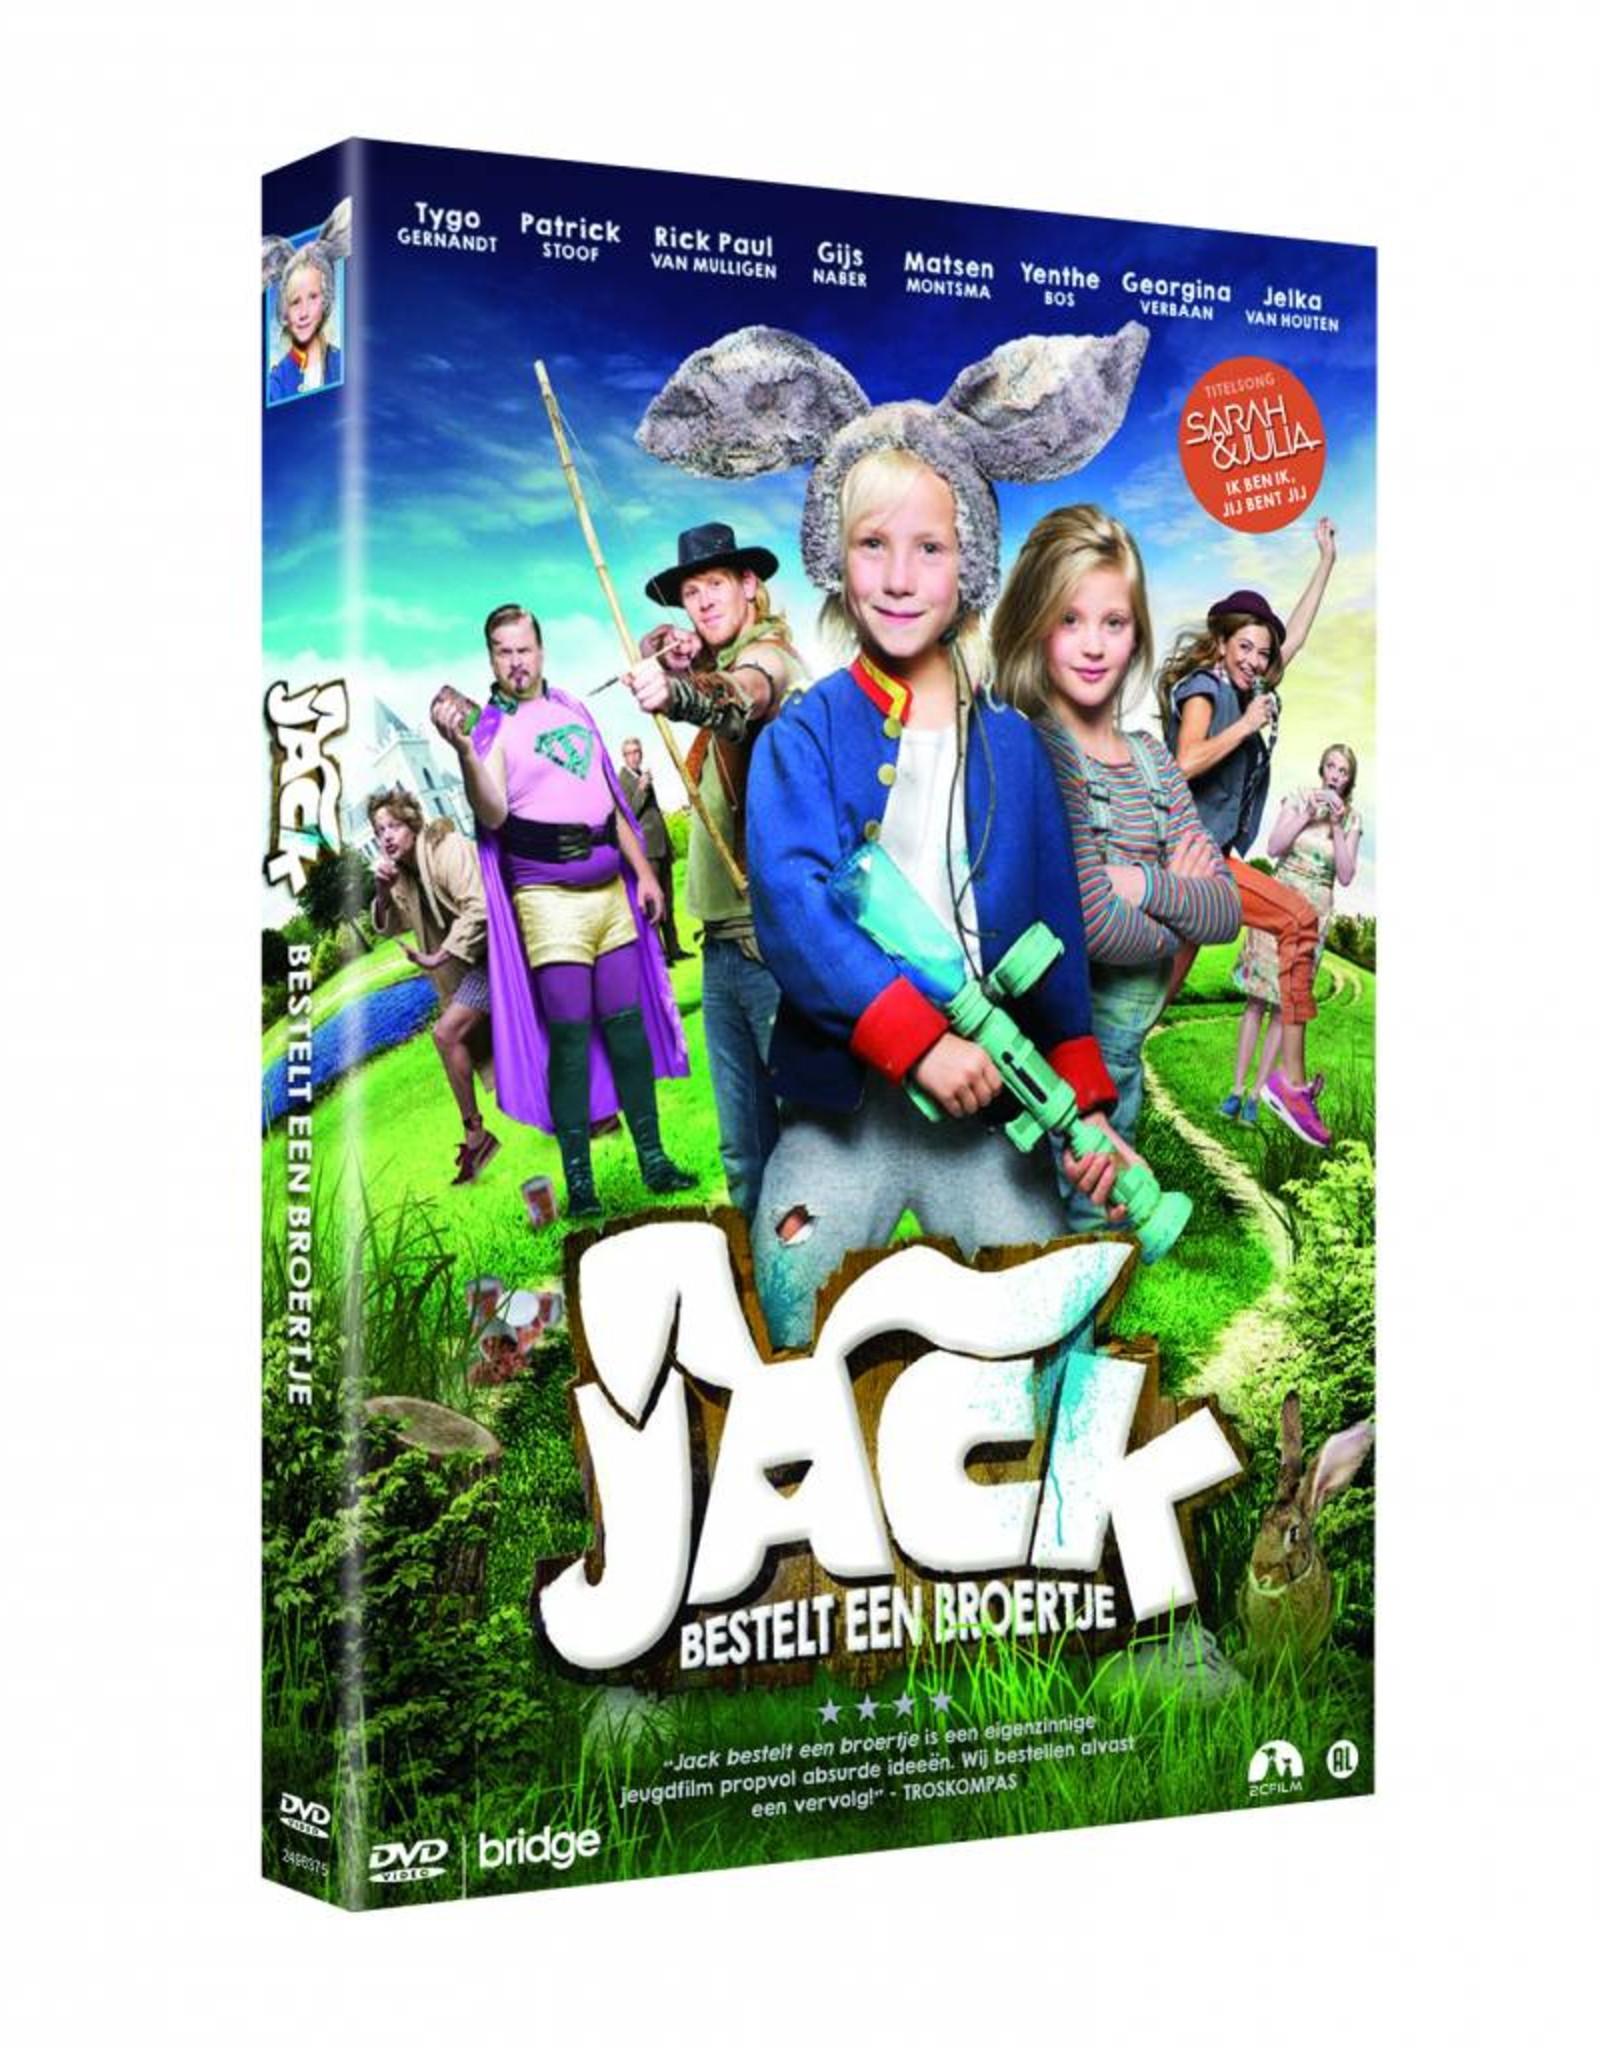 Just Entertainment Jack Bestelt een Broertje